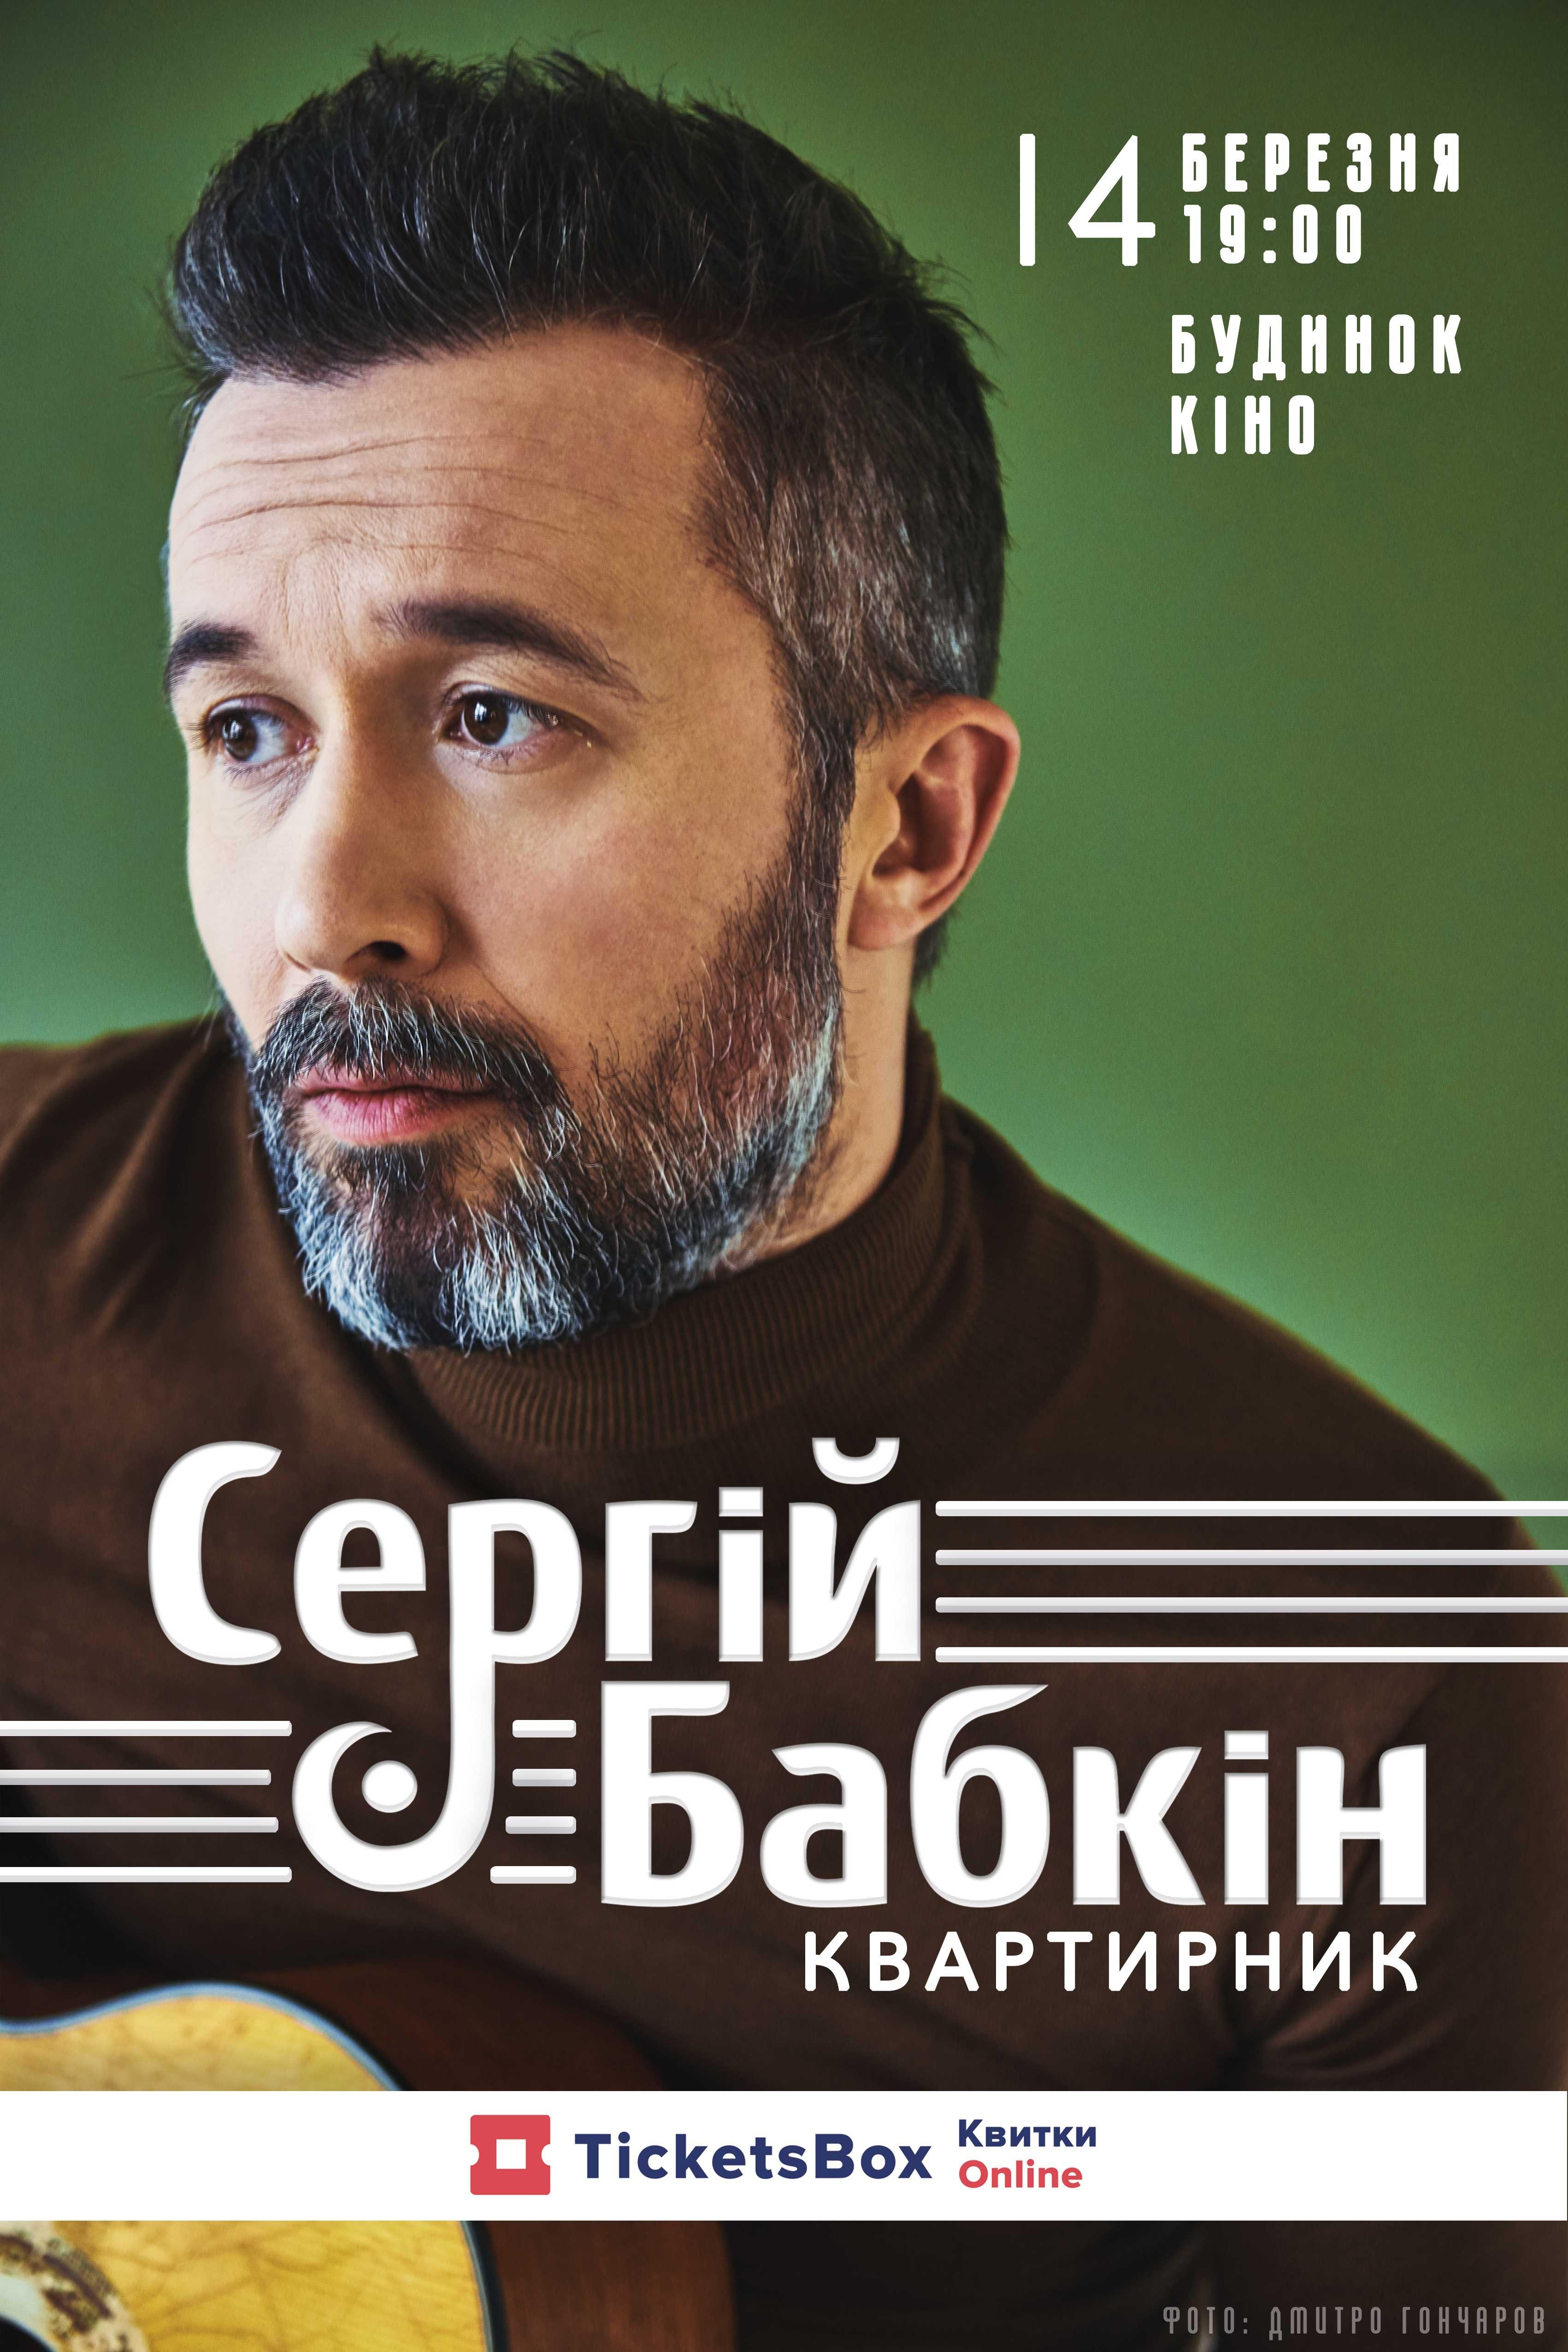 Билеты Сергей Бабкин.Квартирник